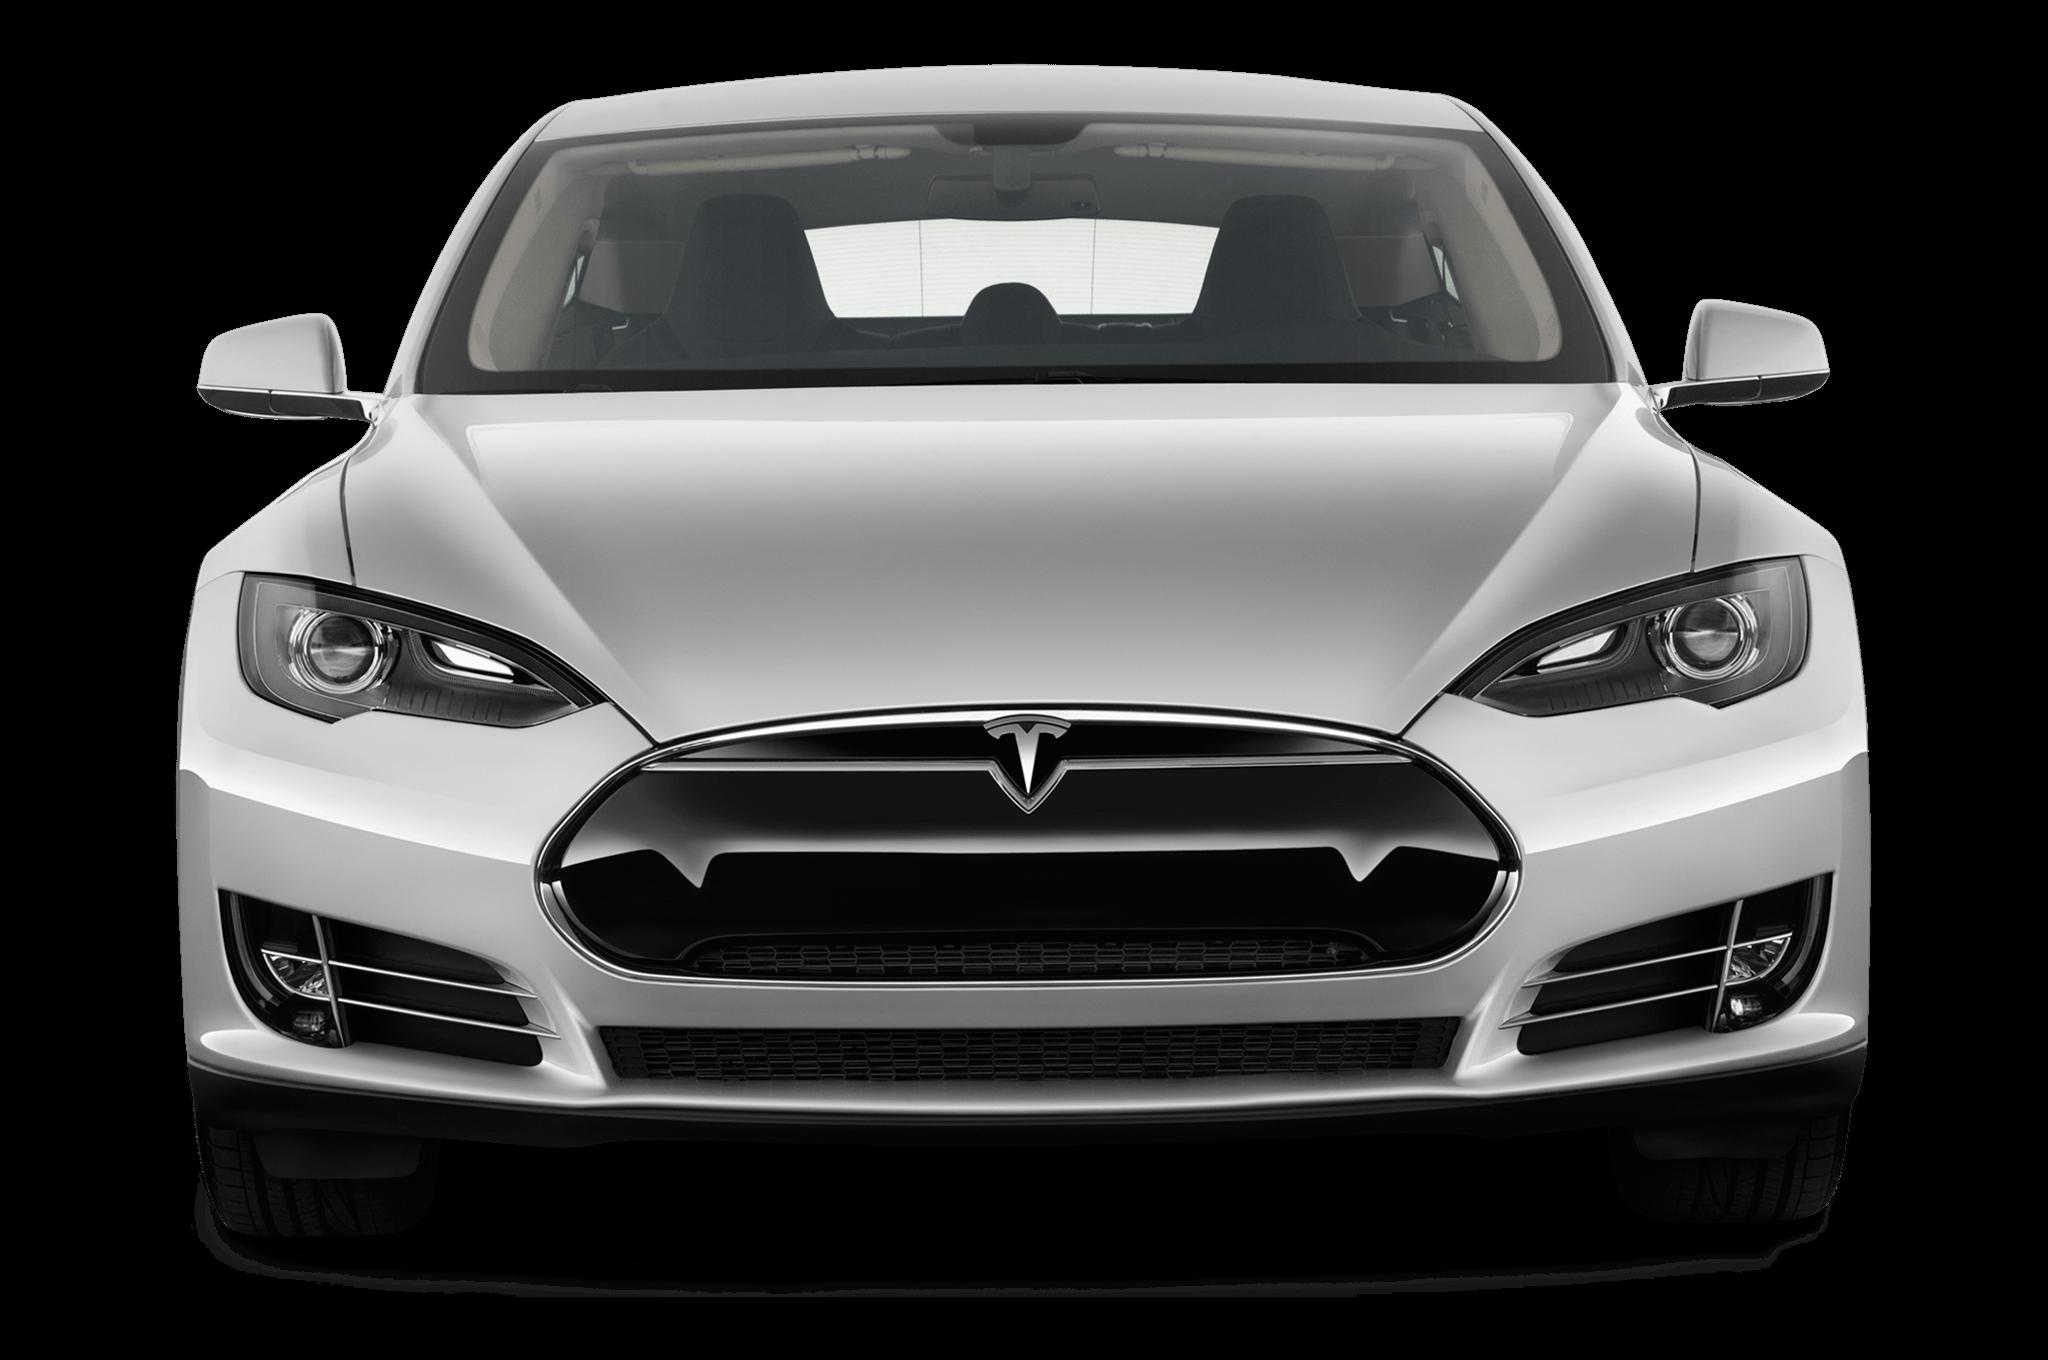 Tesla car clipart jpg freeuse library Tesla Model S Front transparent PNG - StickPNG jpg freeuse library